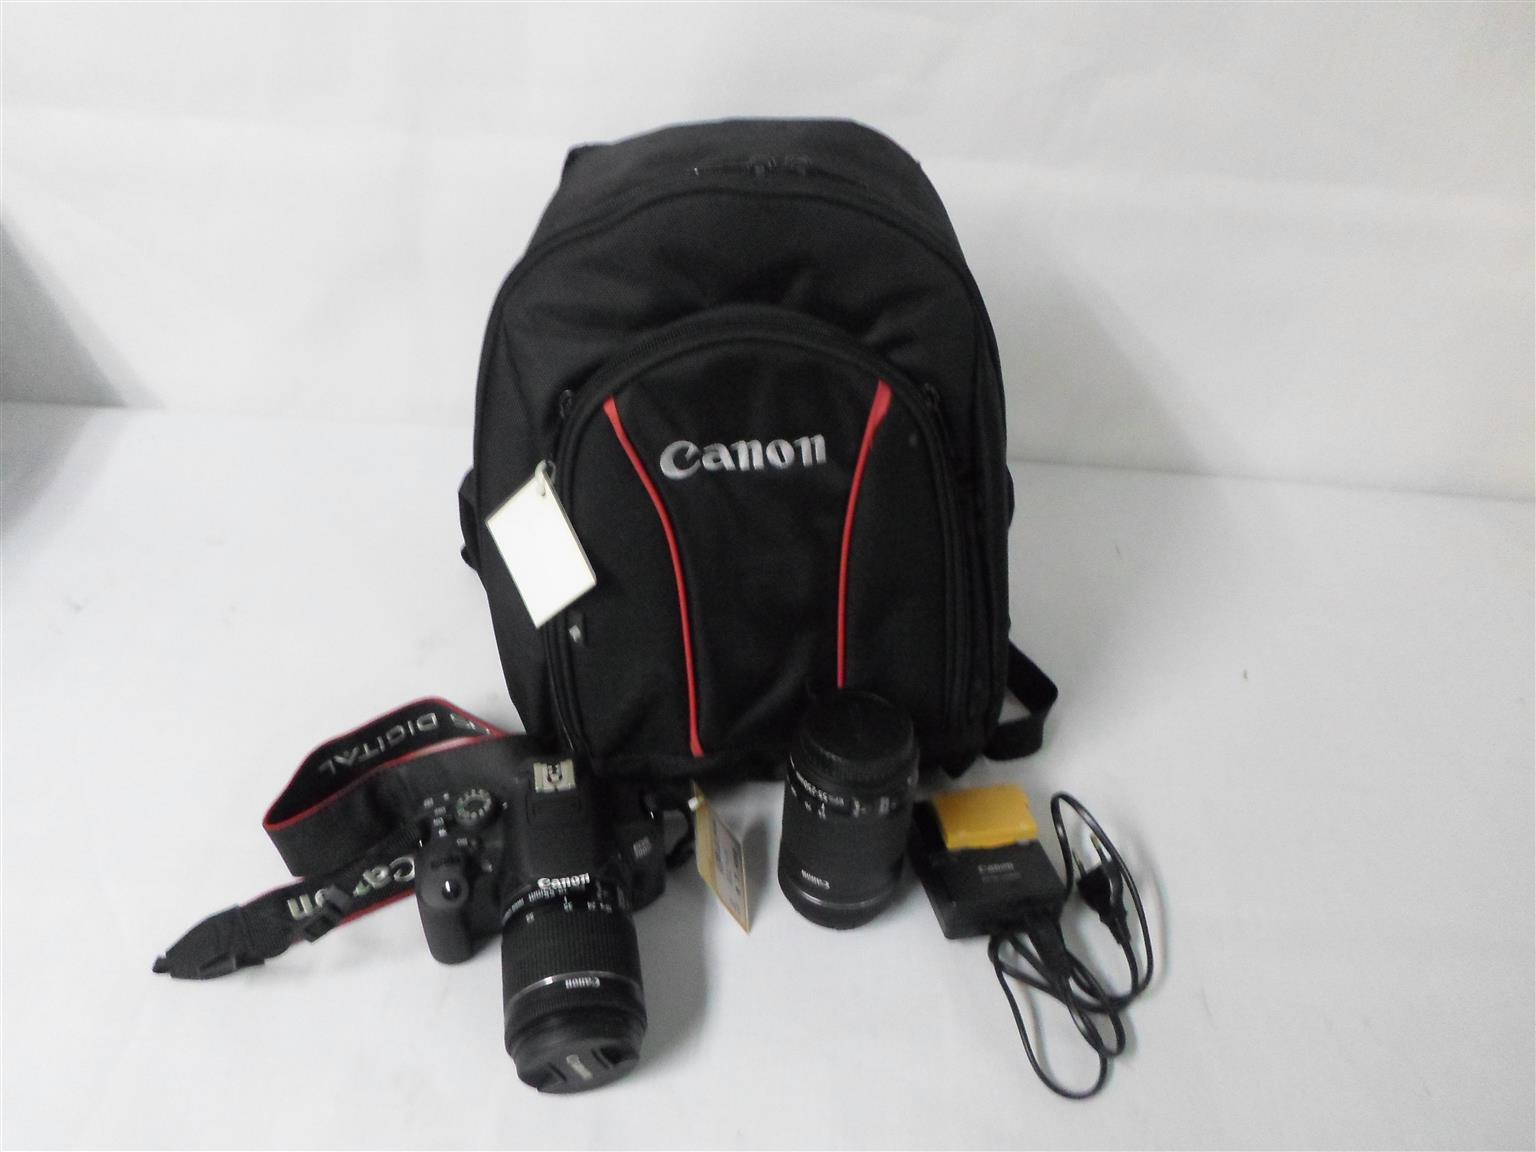 Canon EOS 700D Camera